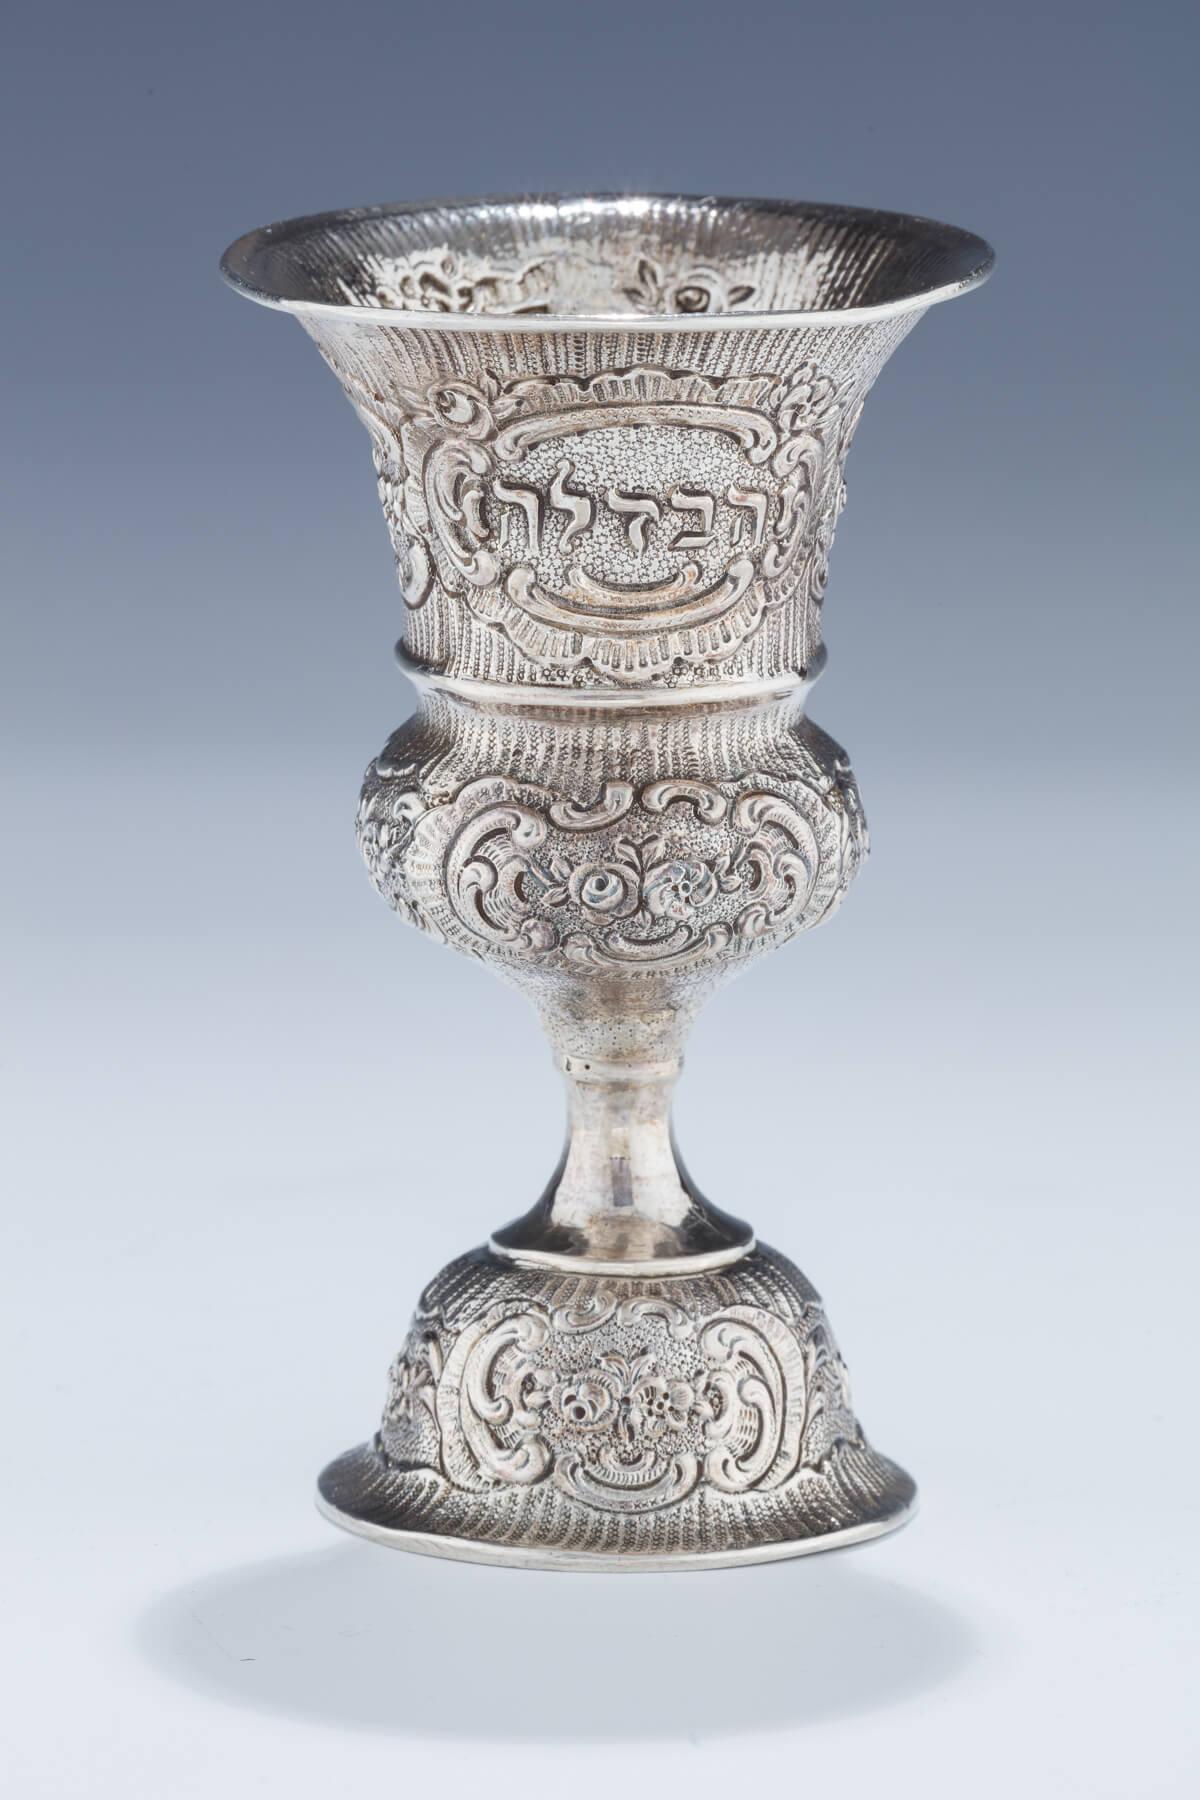 039. A Silver Havdalah Goblet